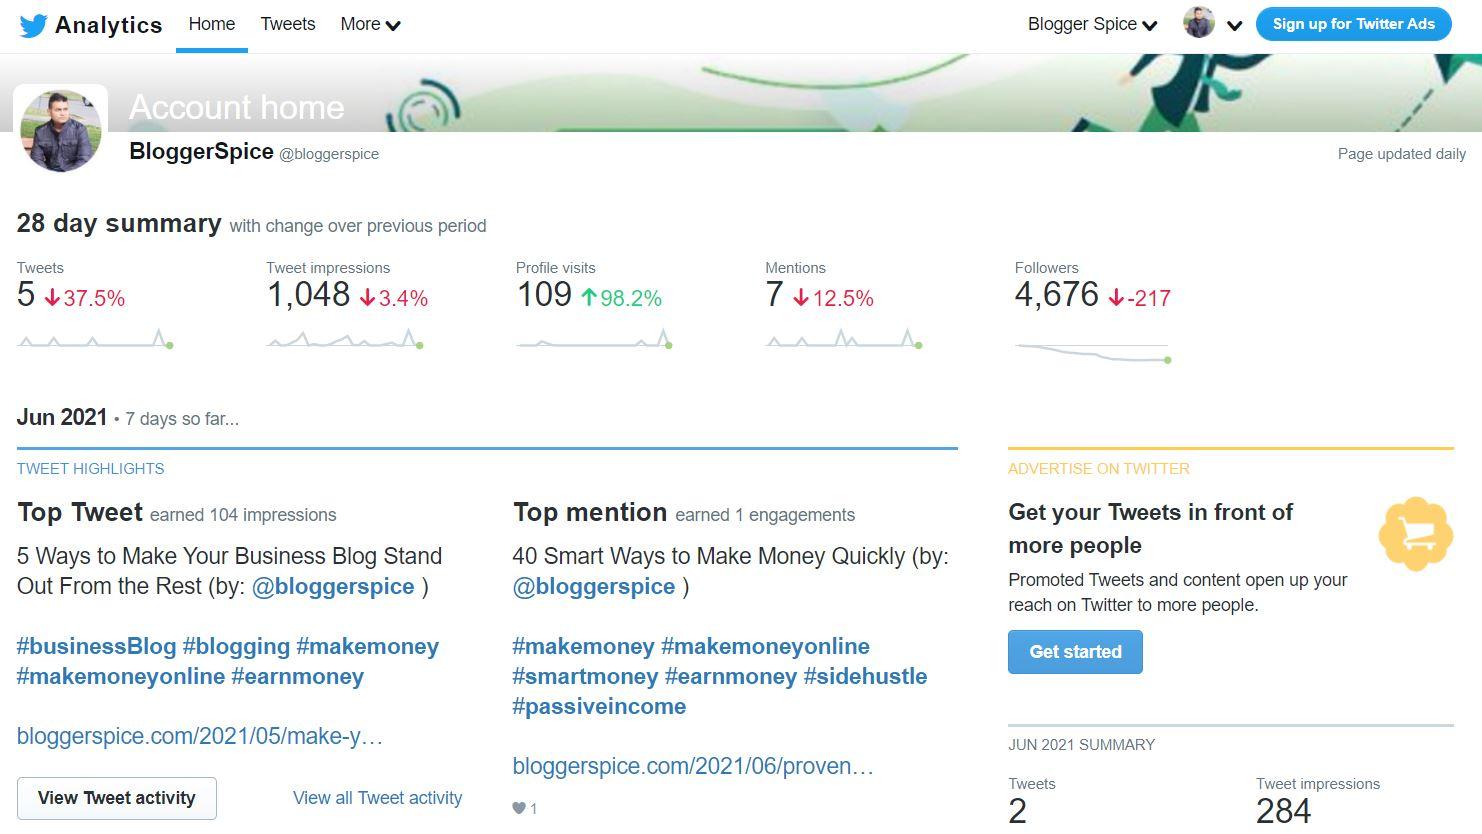 Analysis of Twitter Analytics